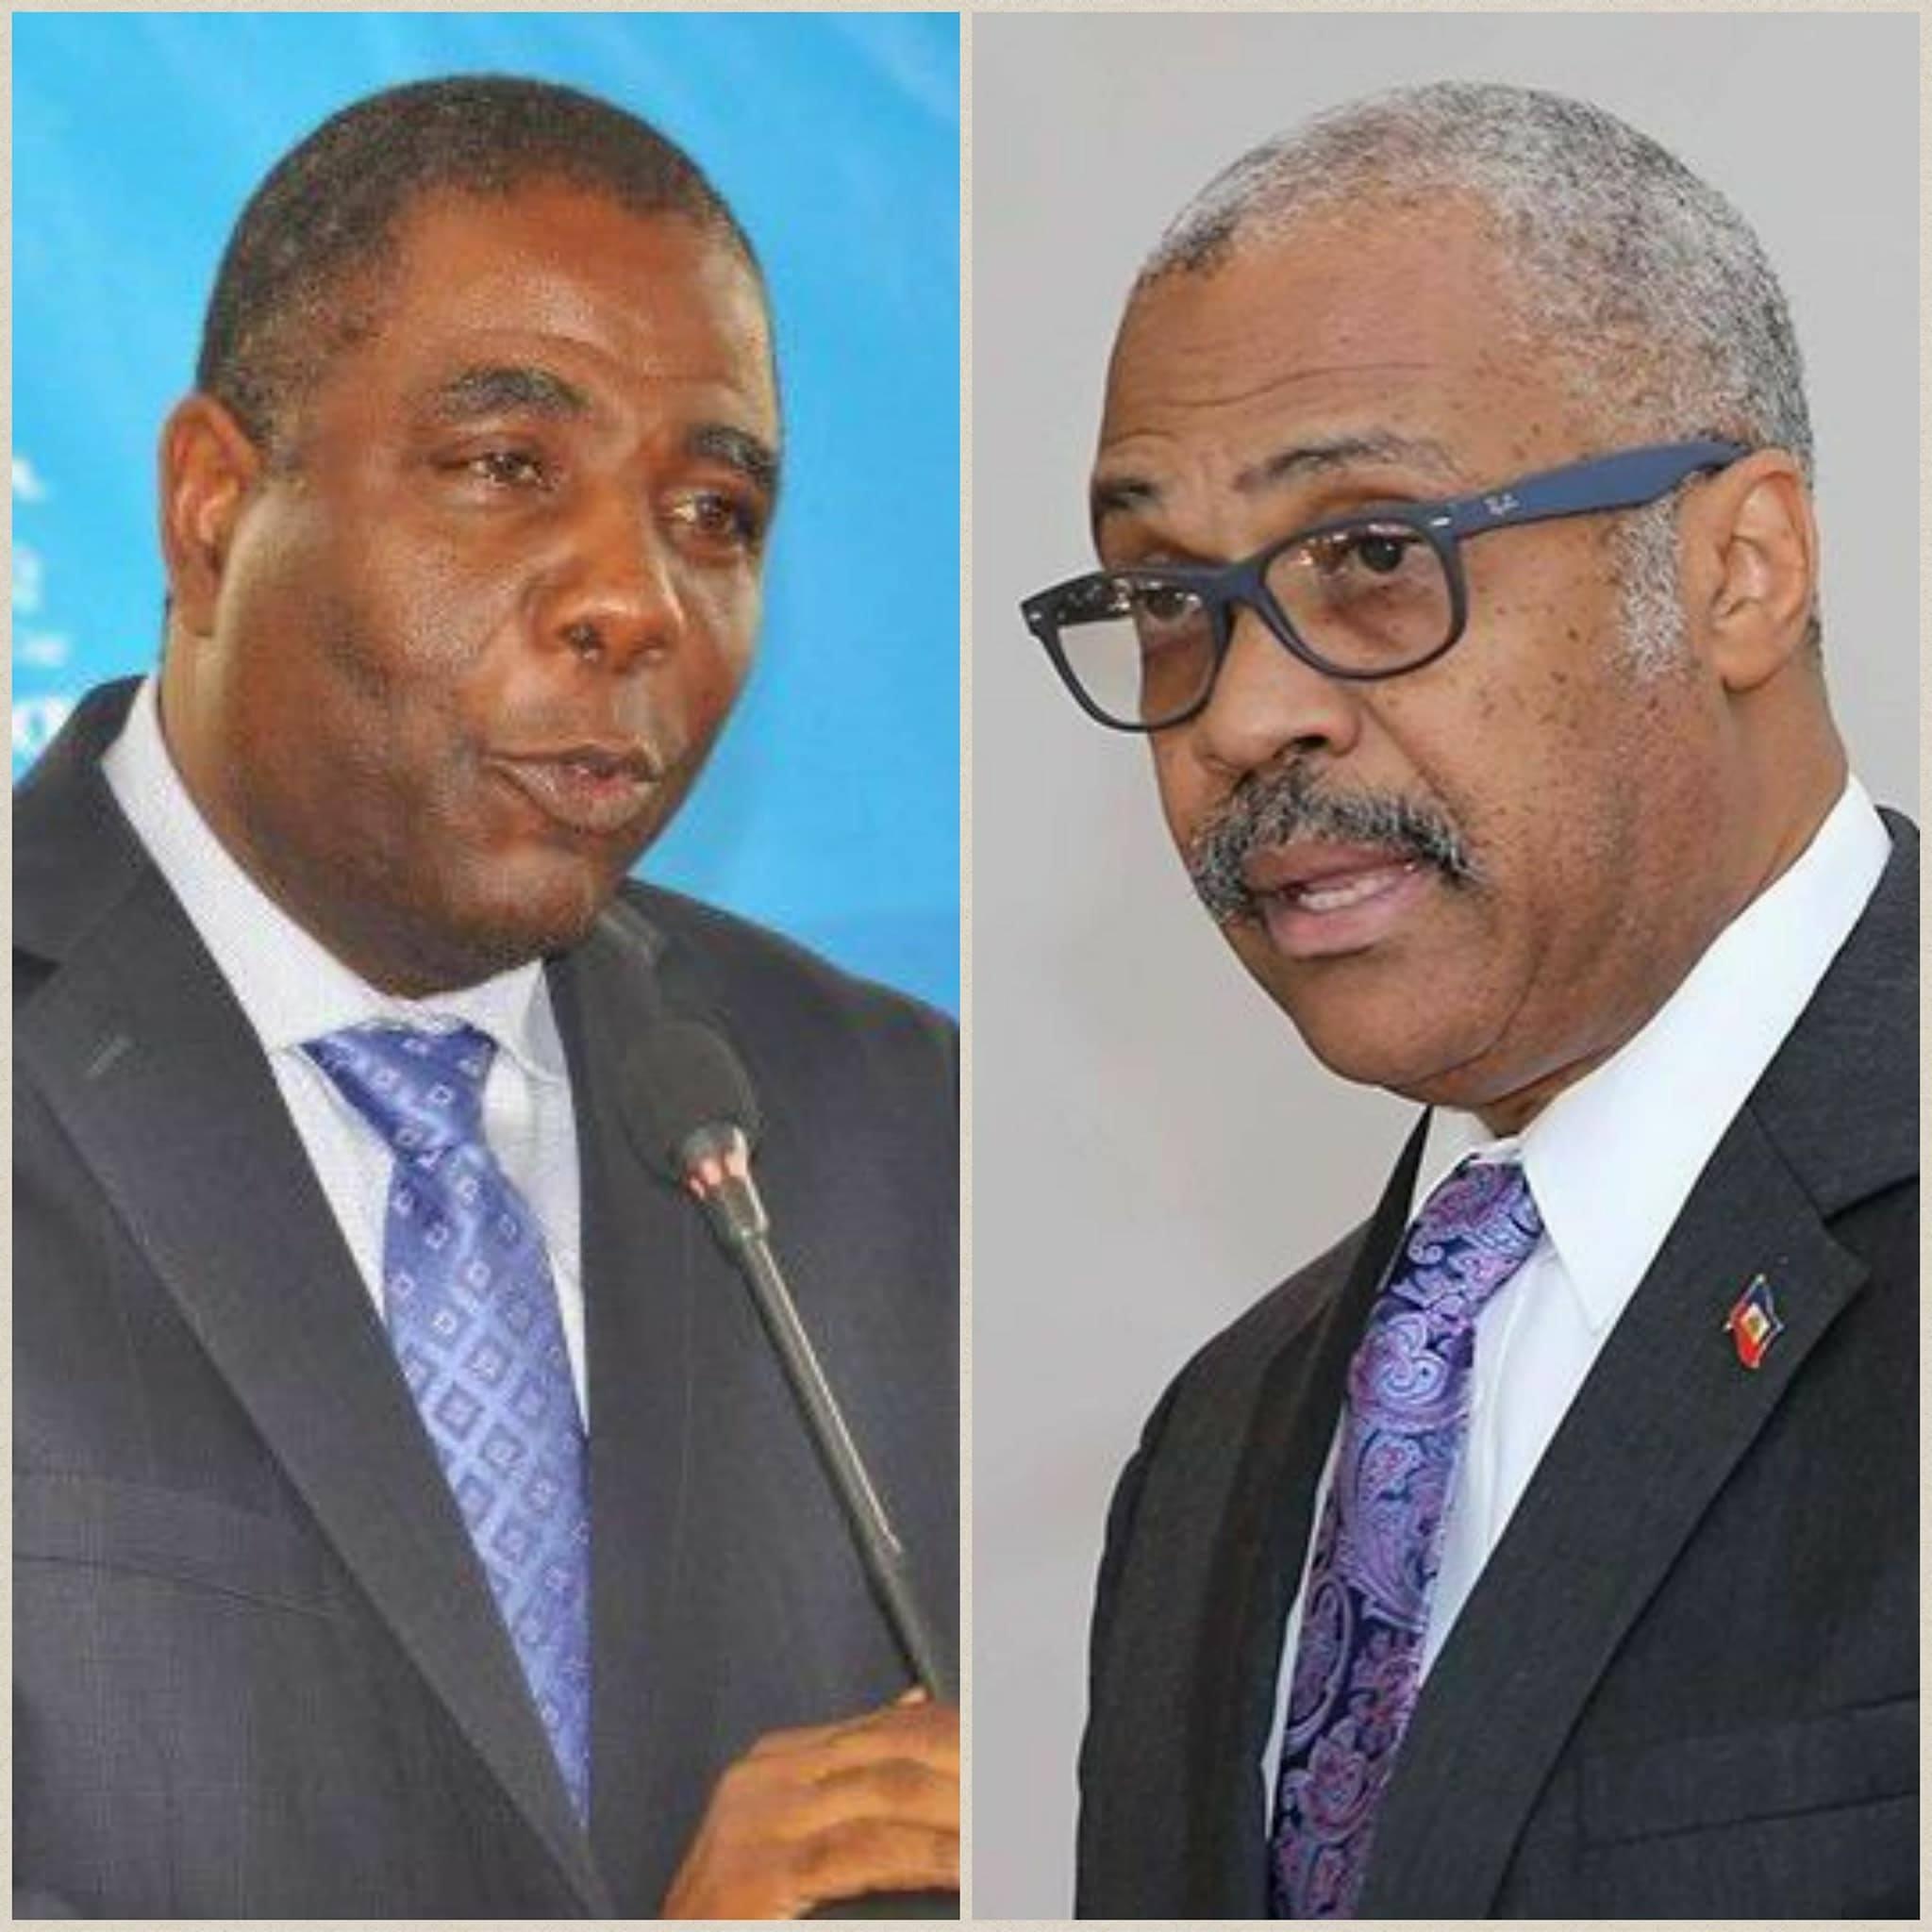 L'ancien premier ministre Enex Jean Charles et l'actuel premier ministre Jack Guy Lafontant.